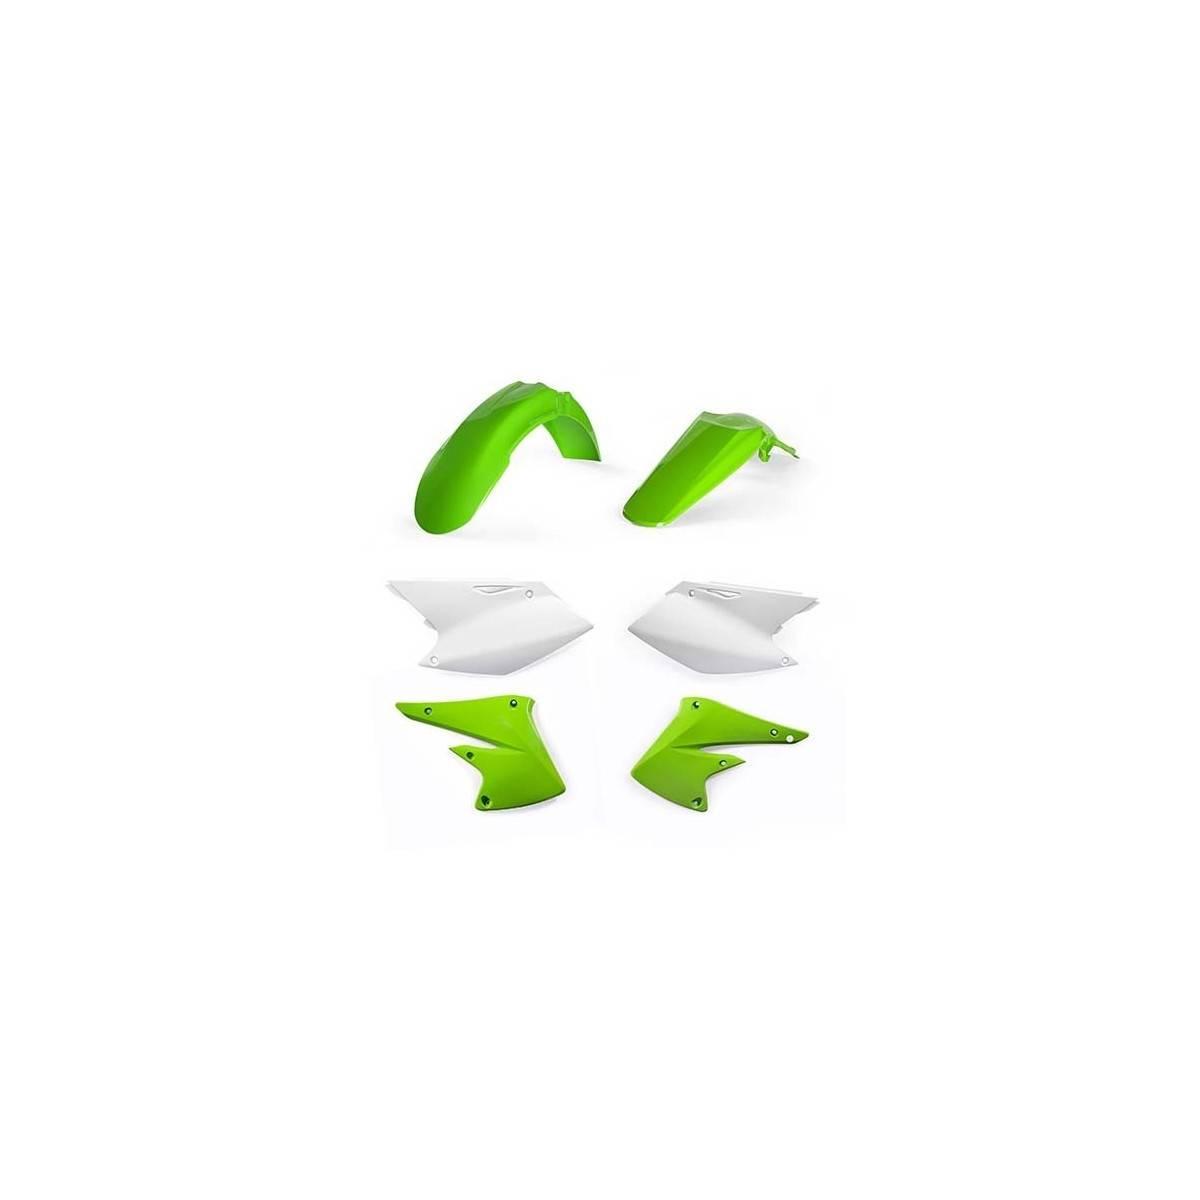 0022986-553 - Kit Plasticos Kxf 450 18 Eu Origen